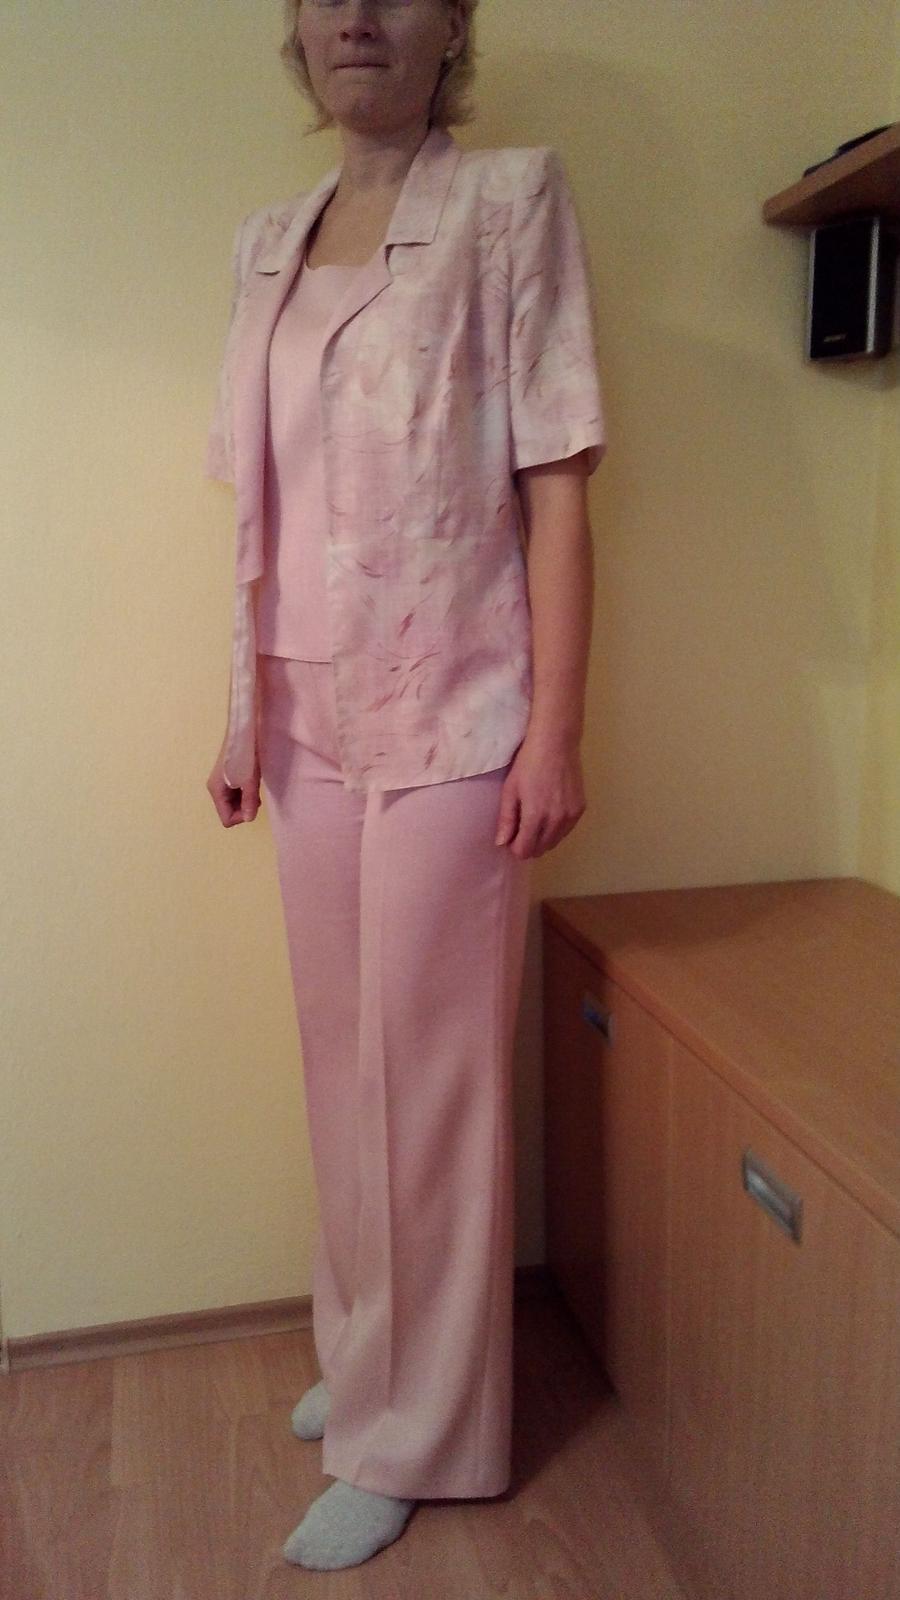 17cc3460d3a0 Dámsky nohavicový kostým collection dana